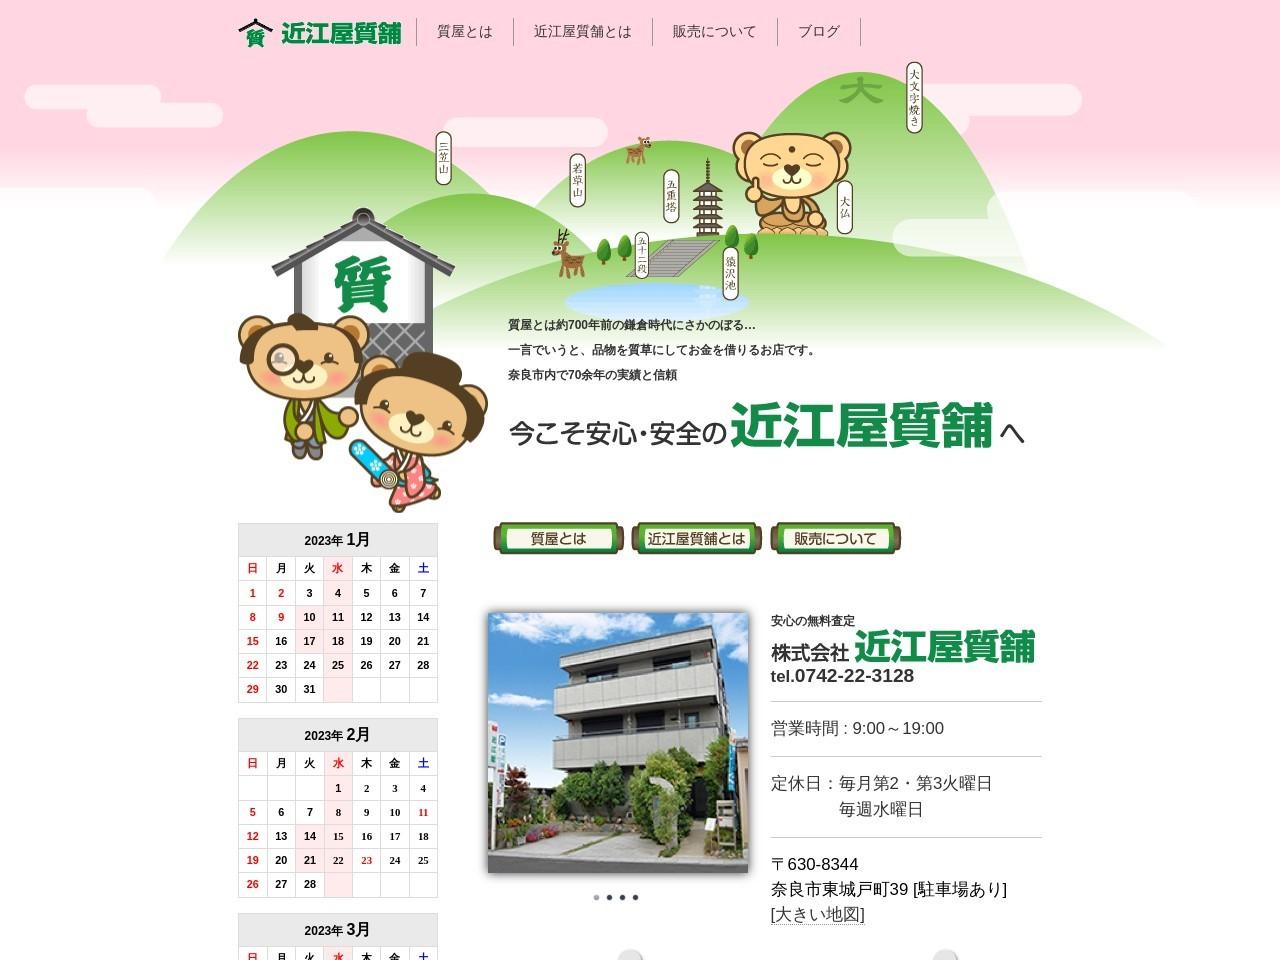 奈良市内で安心・安全の質屋|近江屋質舗(おうみやしちほ)